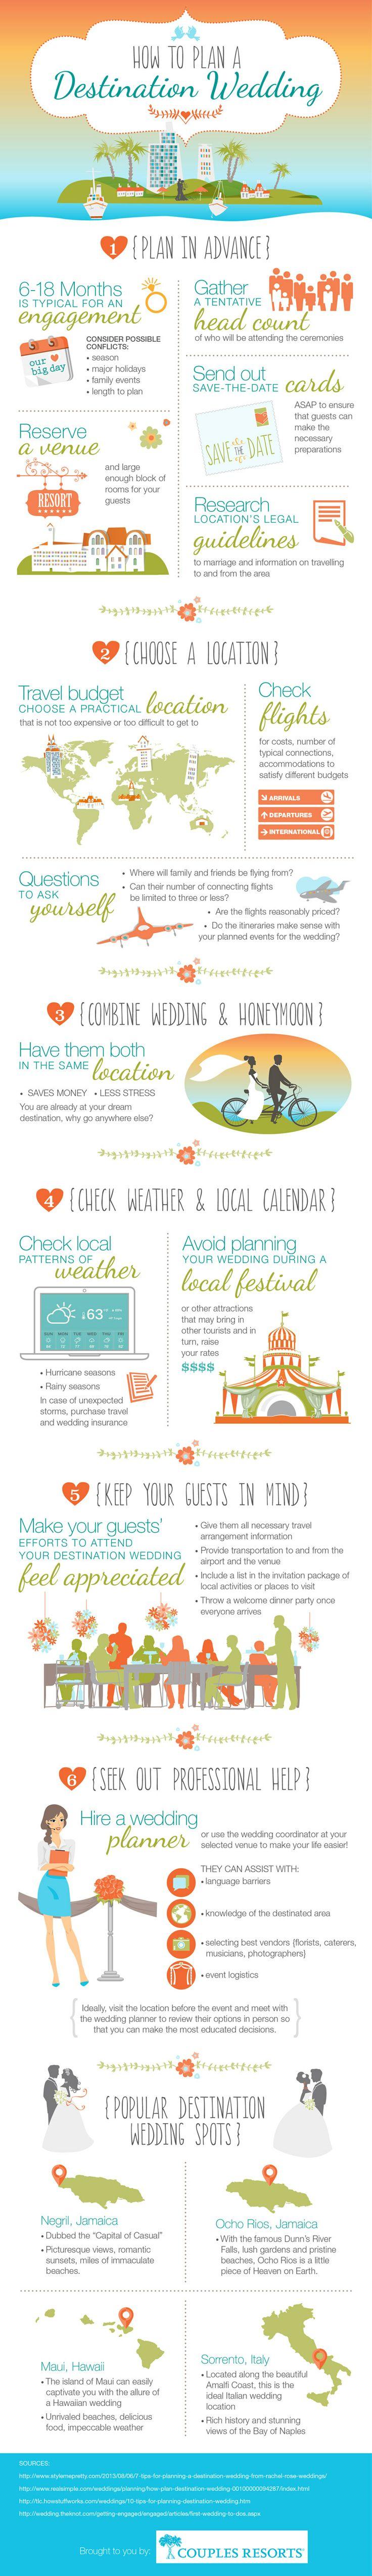 asheville-destination-wedding-planning